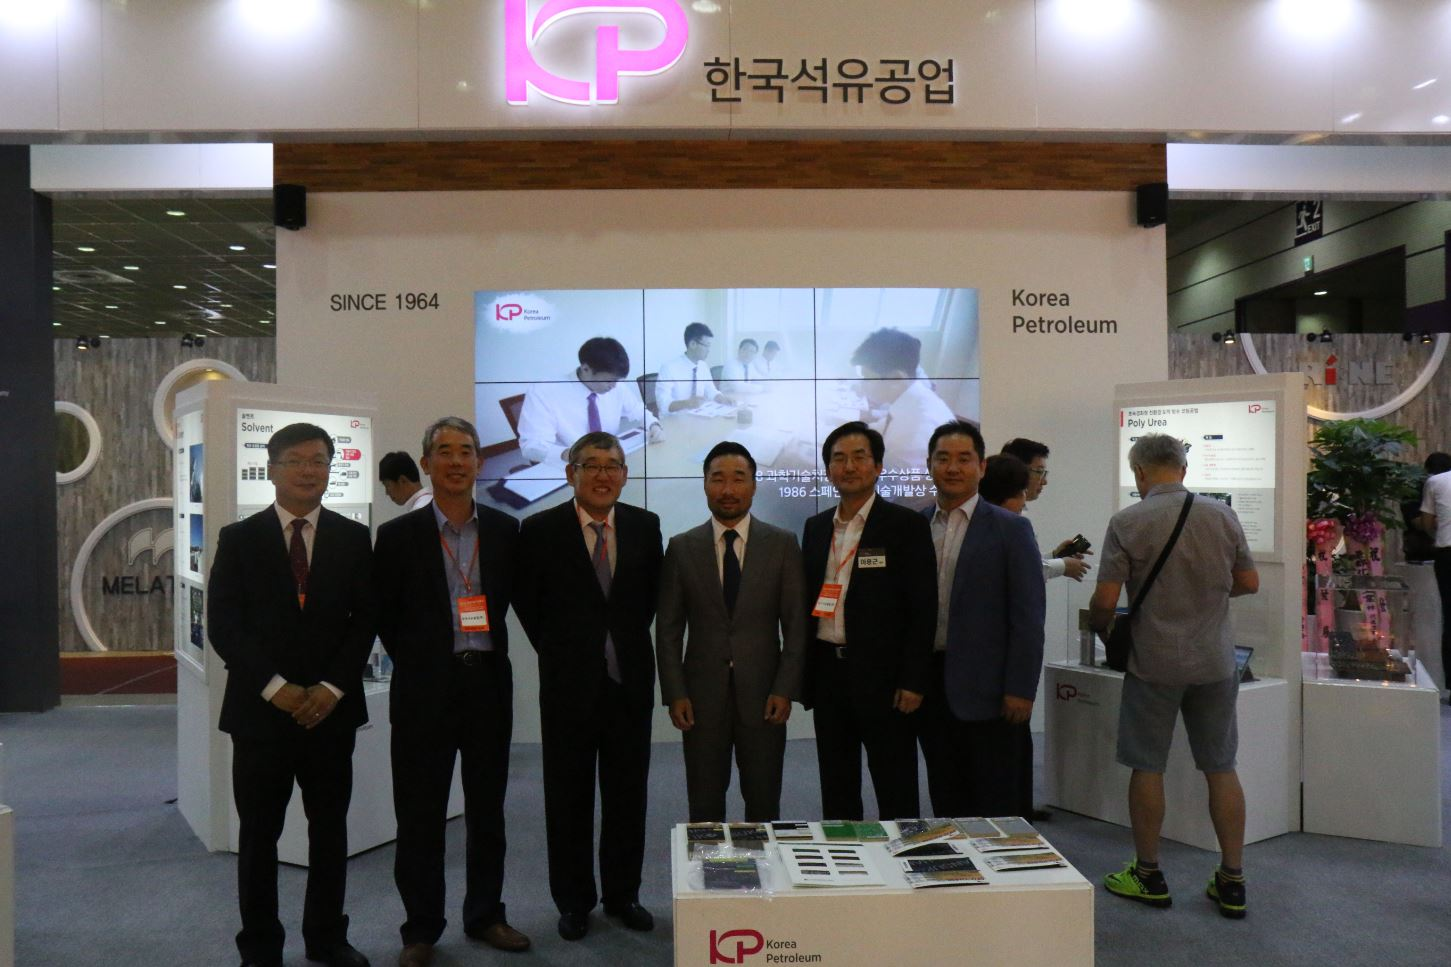 2016 경향하우징페어 건축박람회 참가